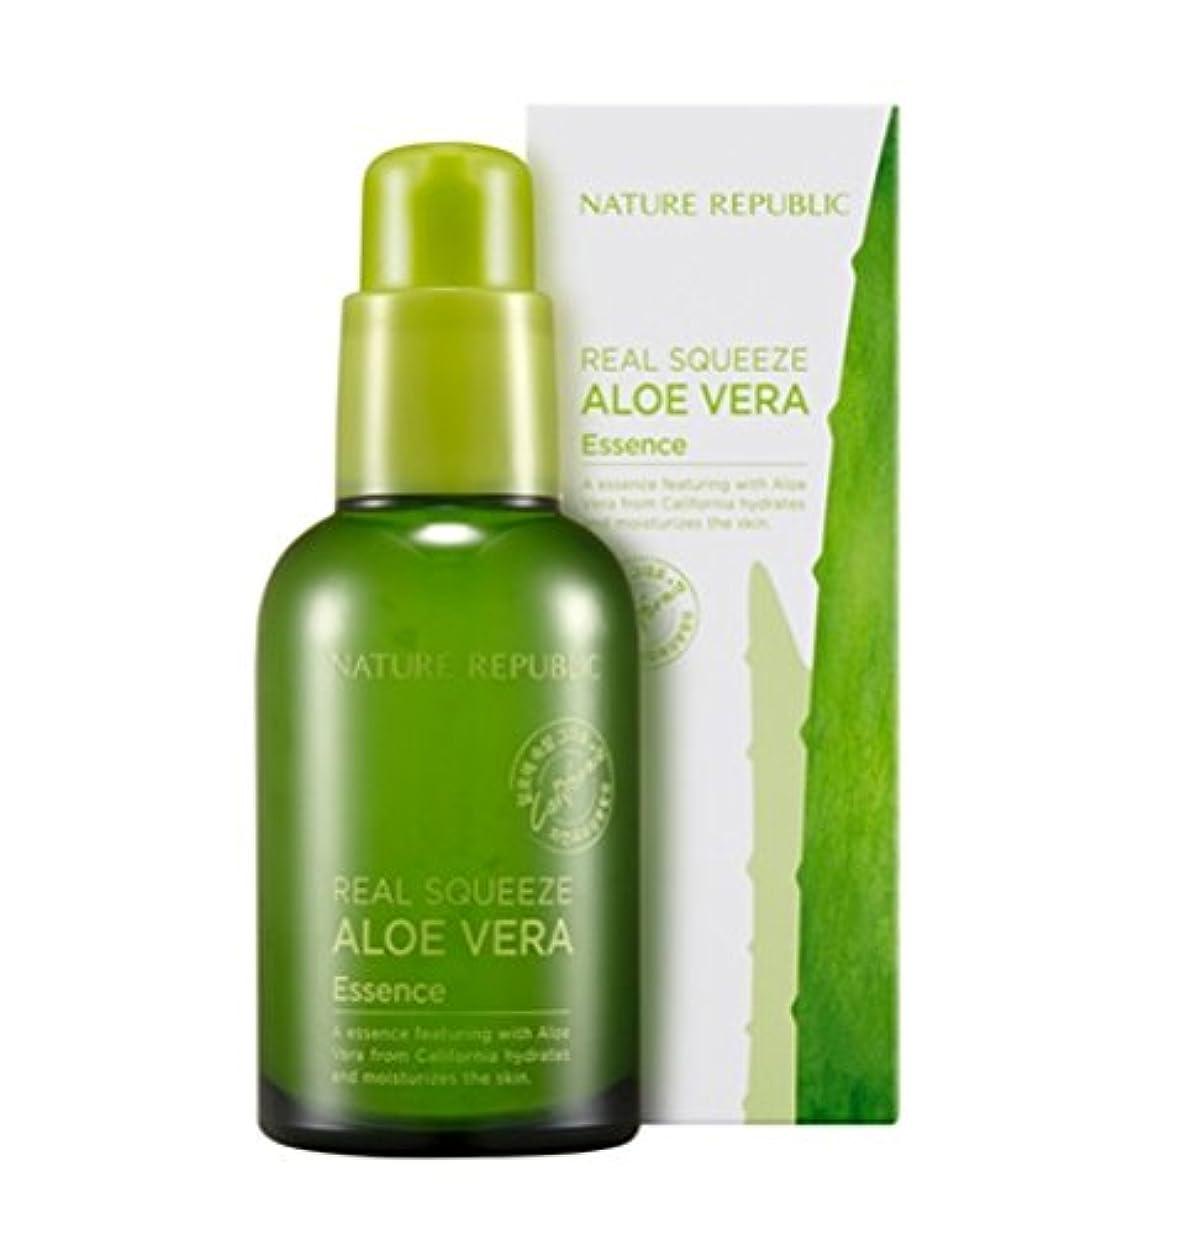 流出大量アレルギー性[Nature Republic]ネイチャーリパブリック[Real Squeeze Aloe Vera Essence](リアルスクィーズアロエベラエッセンス) [並行輸入品]